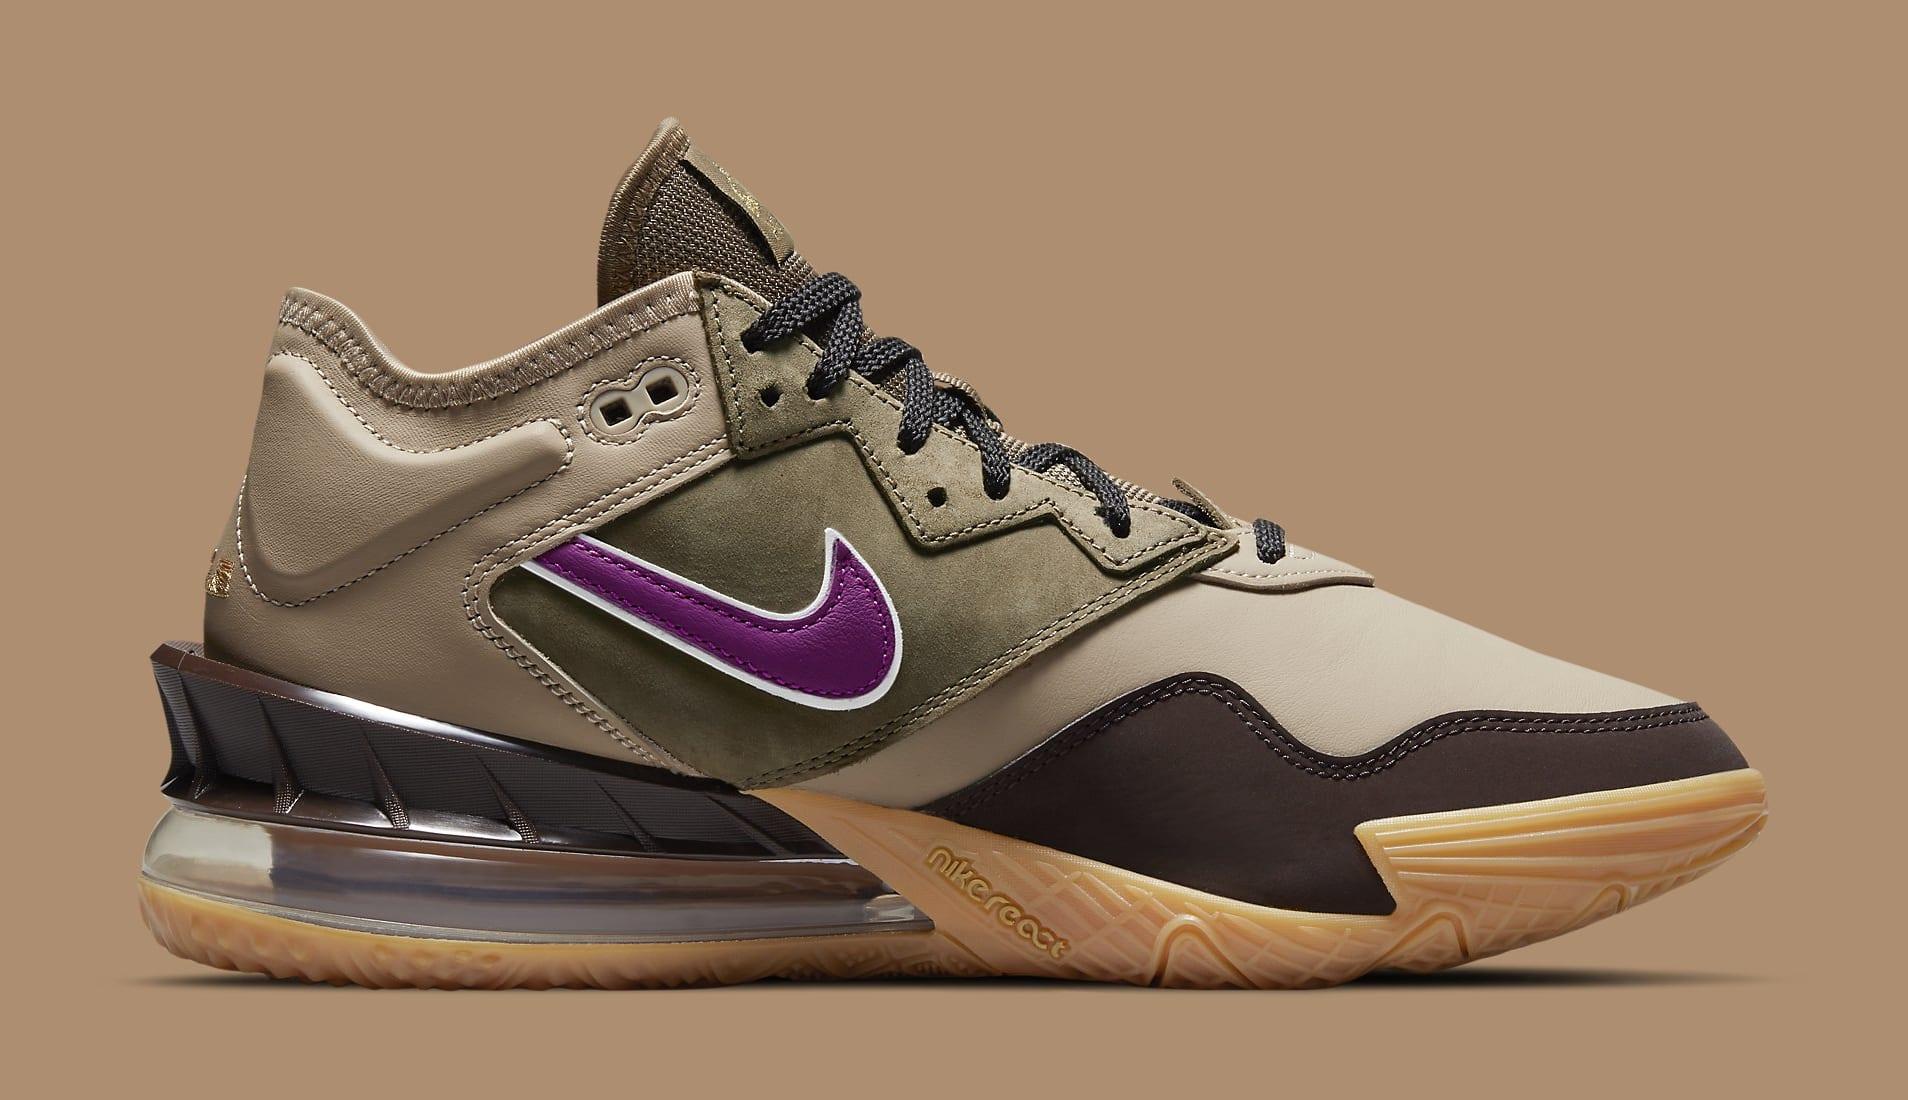 Atmos x Nike LeBron 18 Low 'Viotech' CW5635-200 Medial